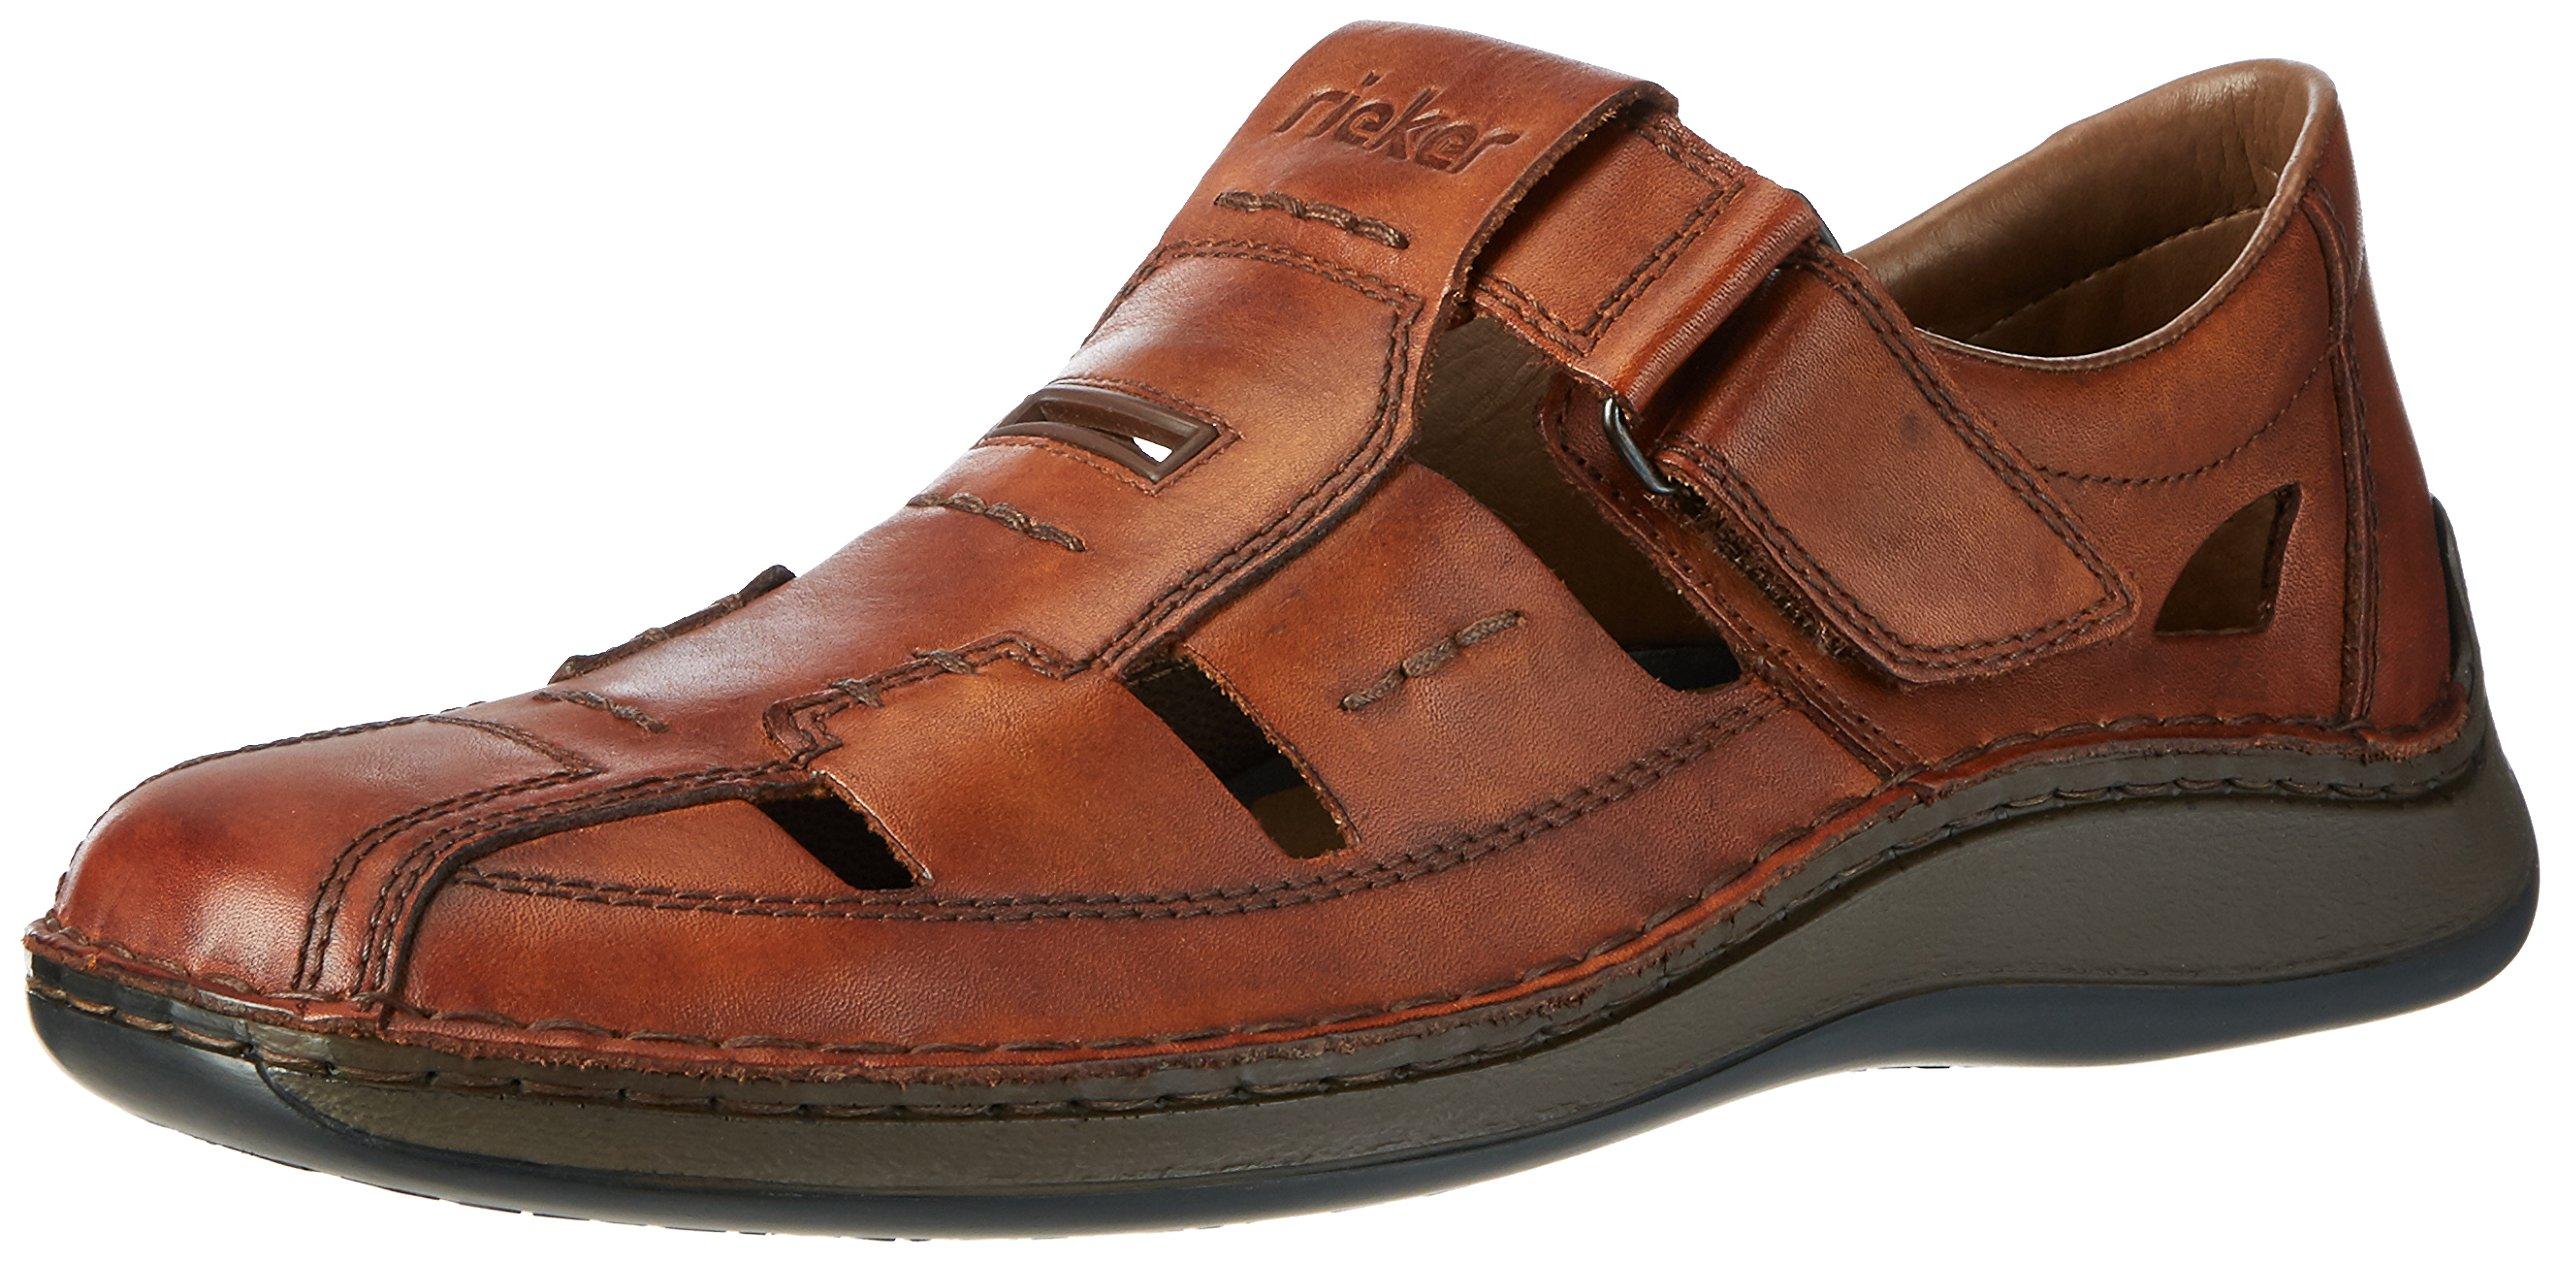 Rieker 05284 60, Chaussures de ville homme product image 0aaacbe1d388